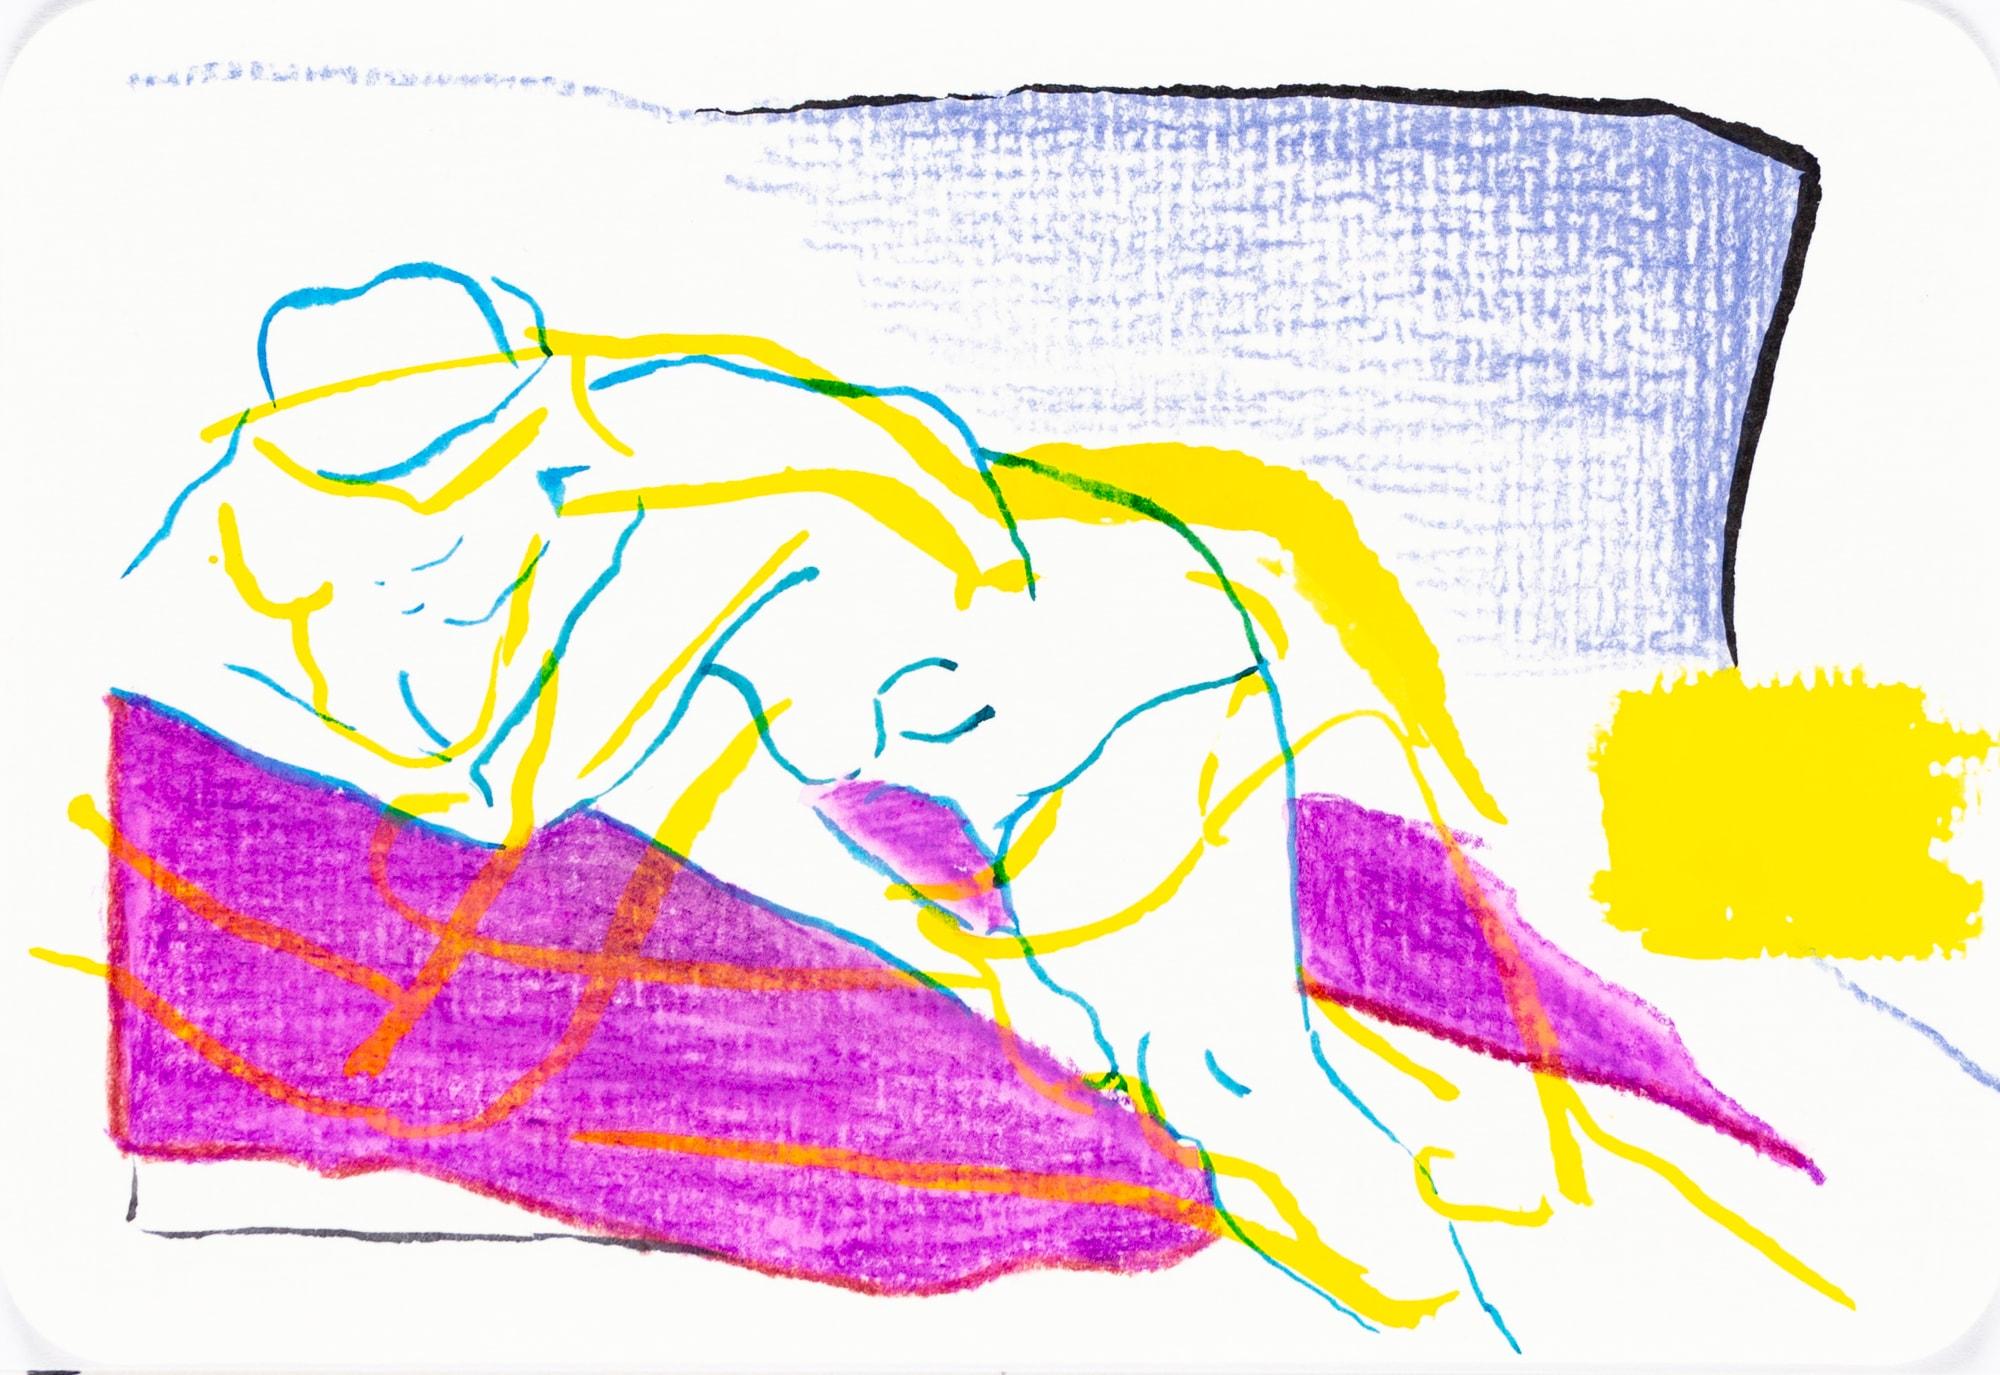 Zeichnung, Farbstift und Tusche auf Postkarte, 15,3x10,4cm, Frauenakt, Künstlerin: Franziska King